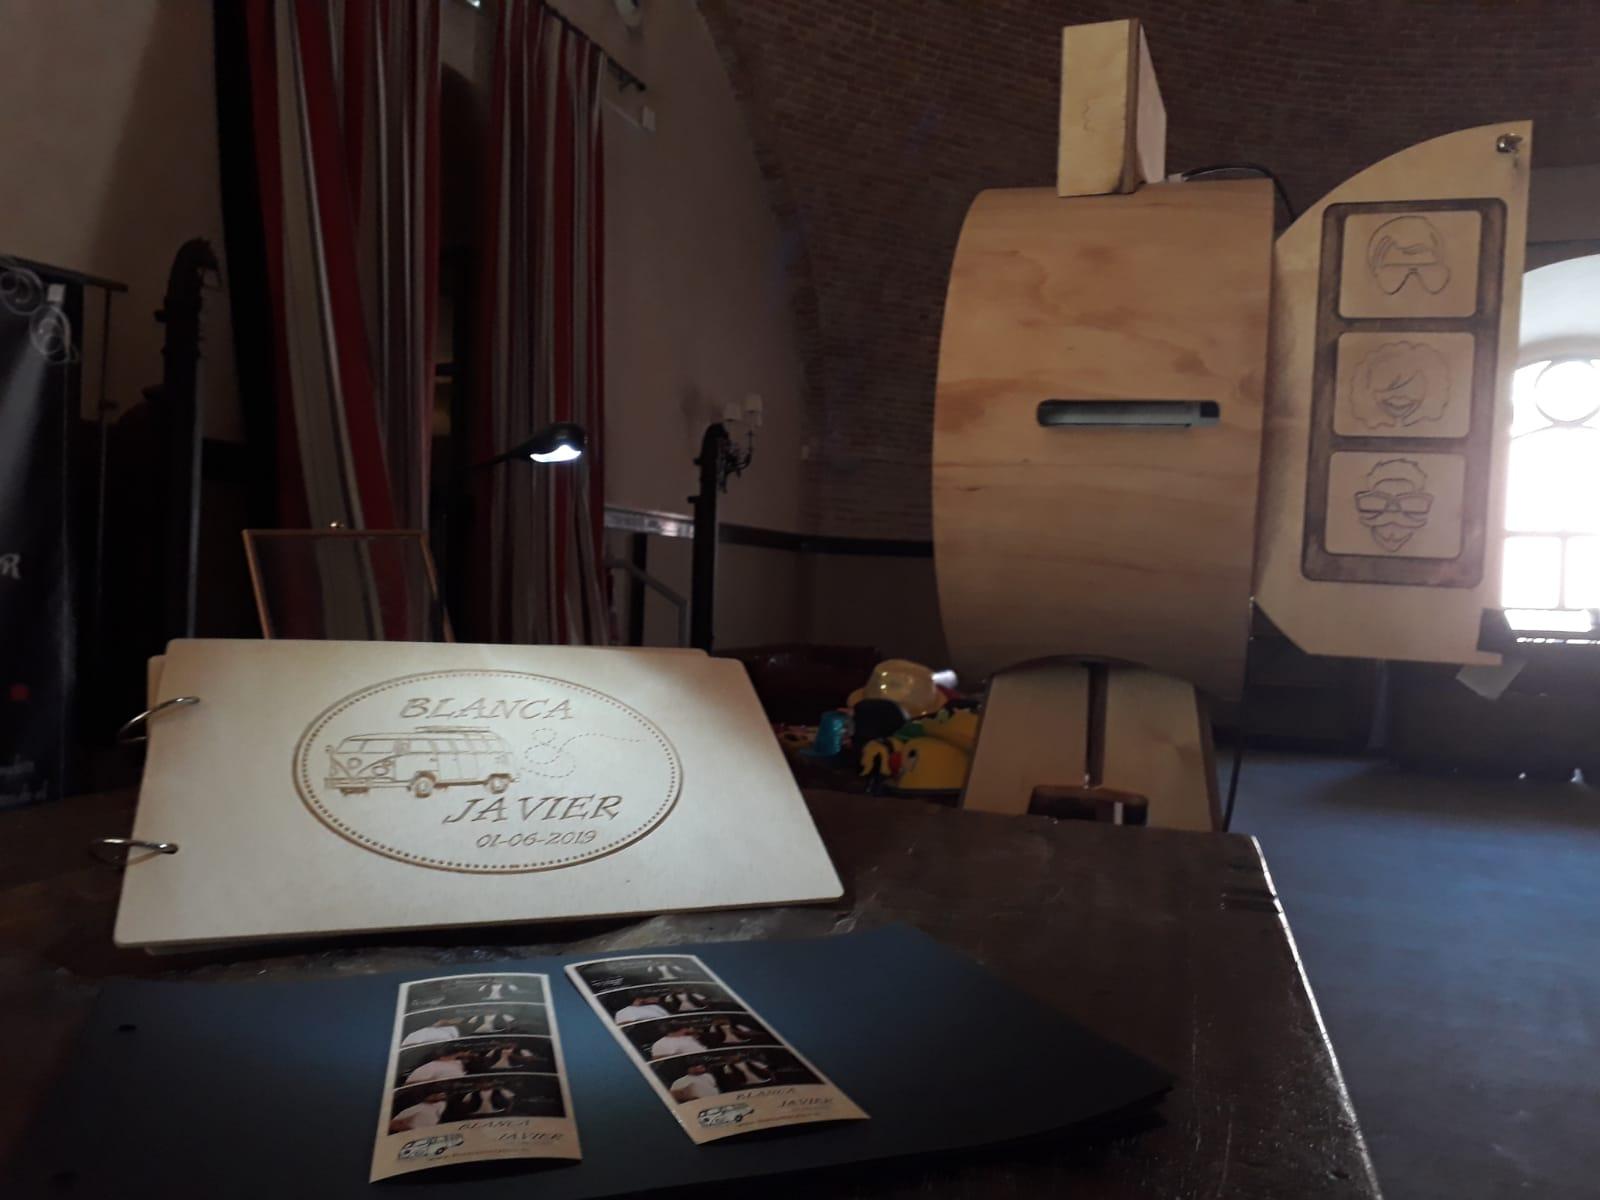 Nuestro Pack de Madera: Fotomatón + Libro personalizado en Madera